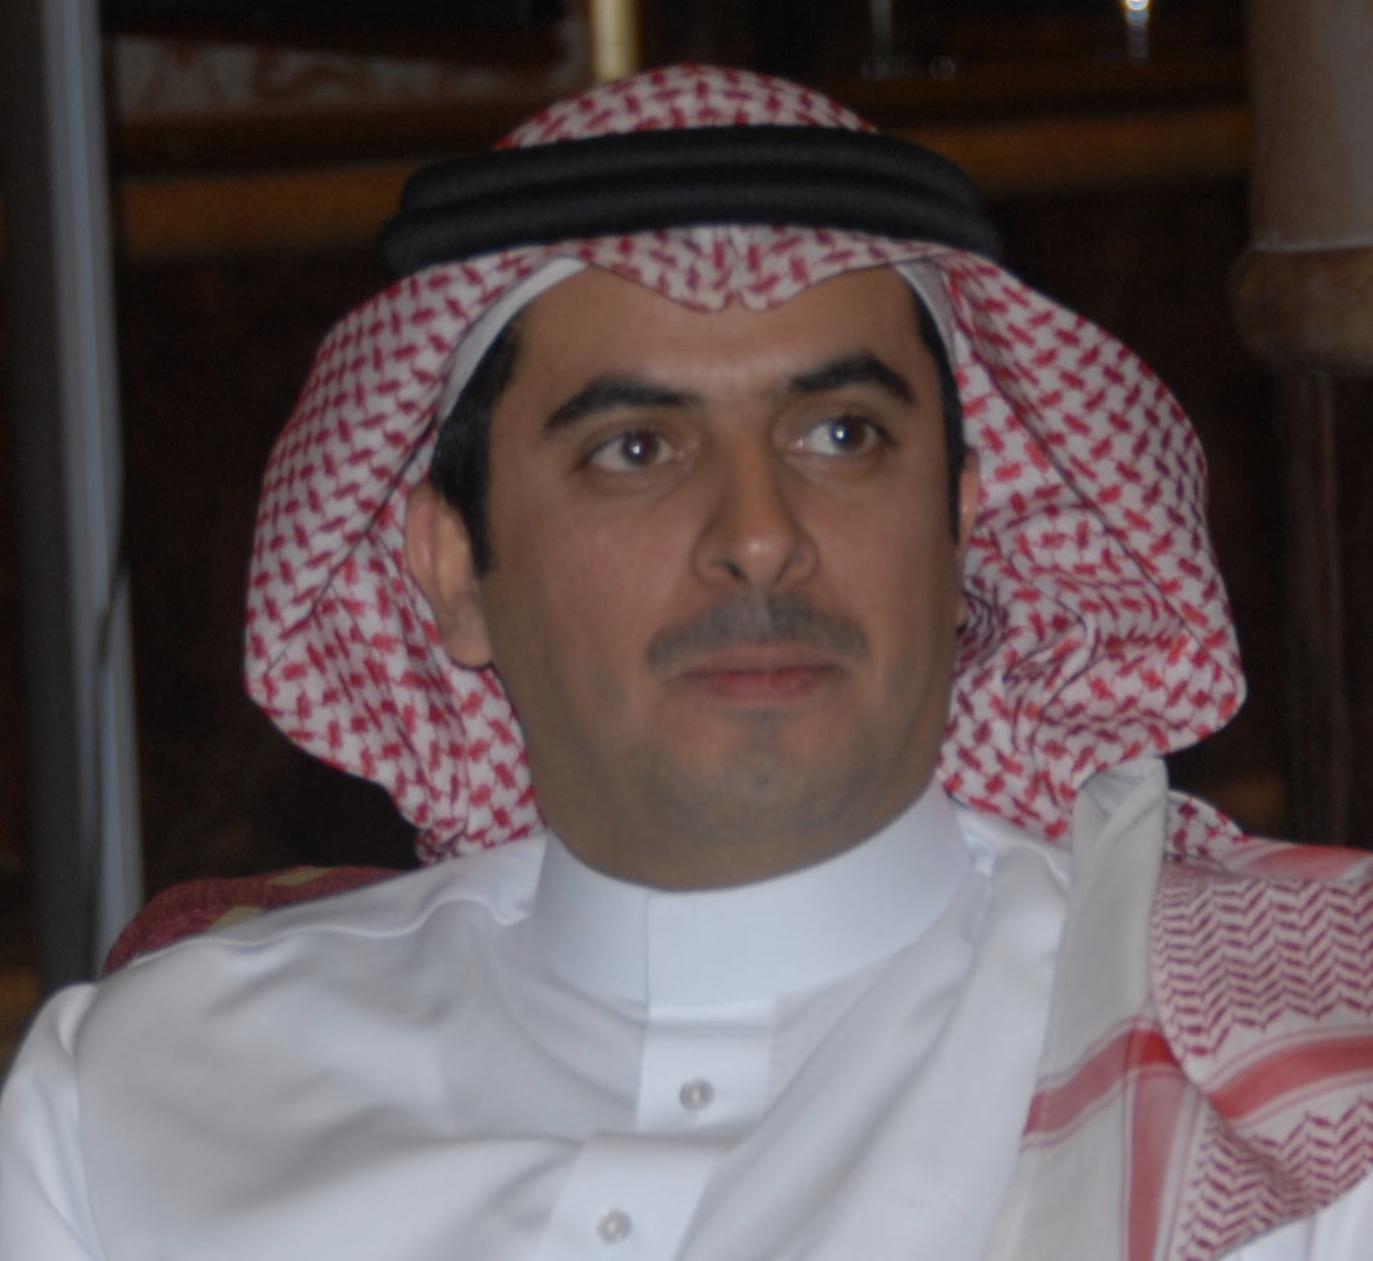 Abdul Rahman AlThehaiban